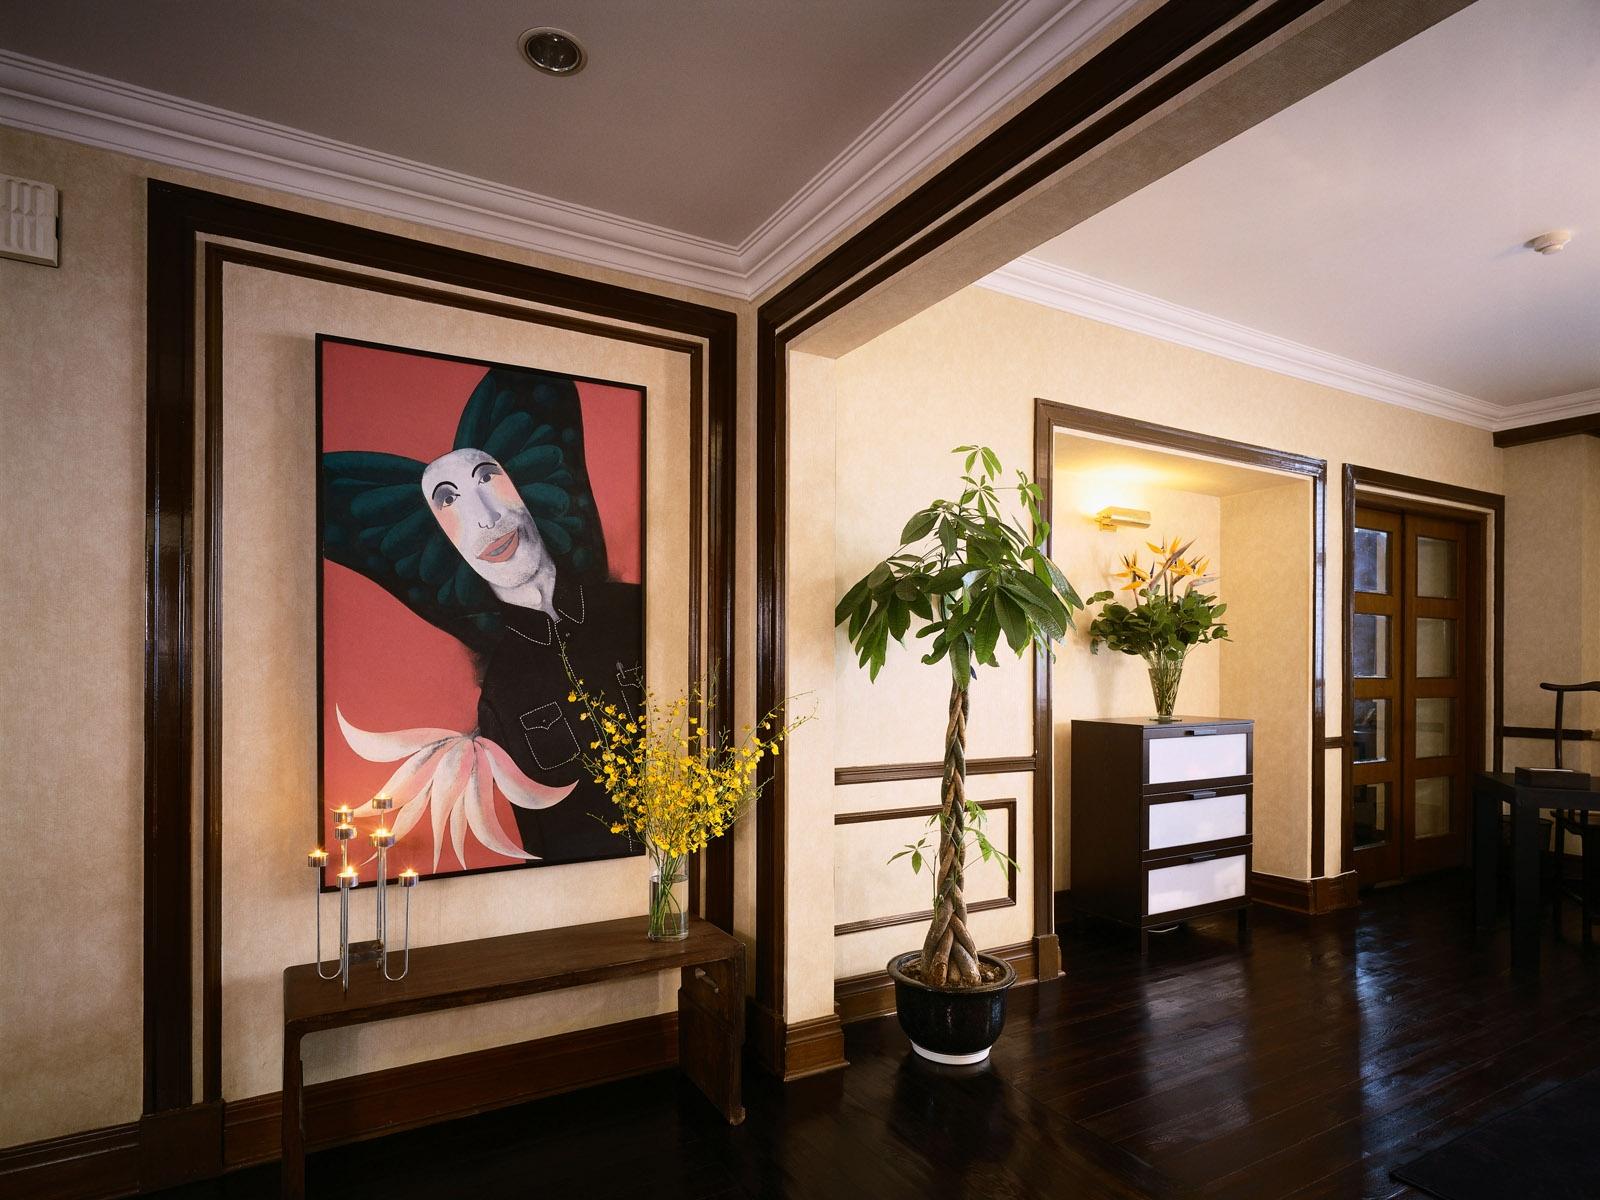 Innenarchitektur Halle hintergrundbilder malerei fenster zimmer mauer